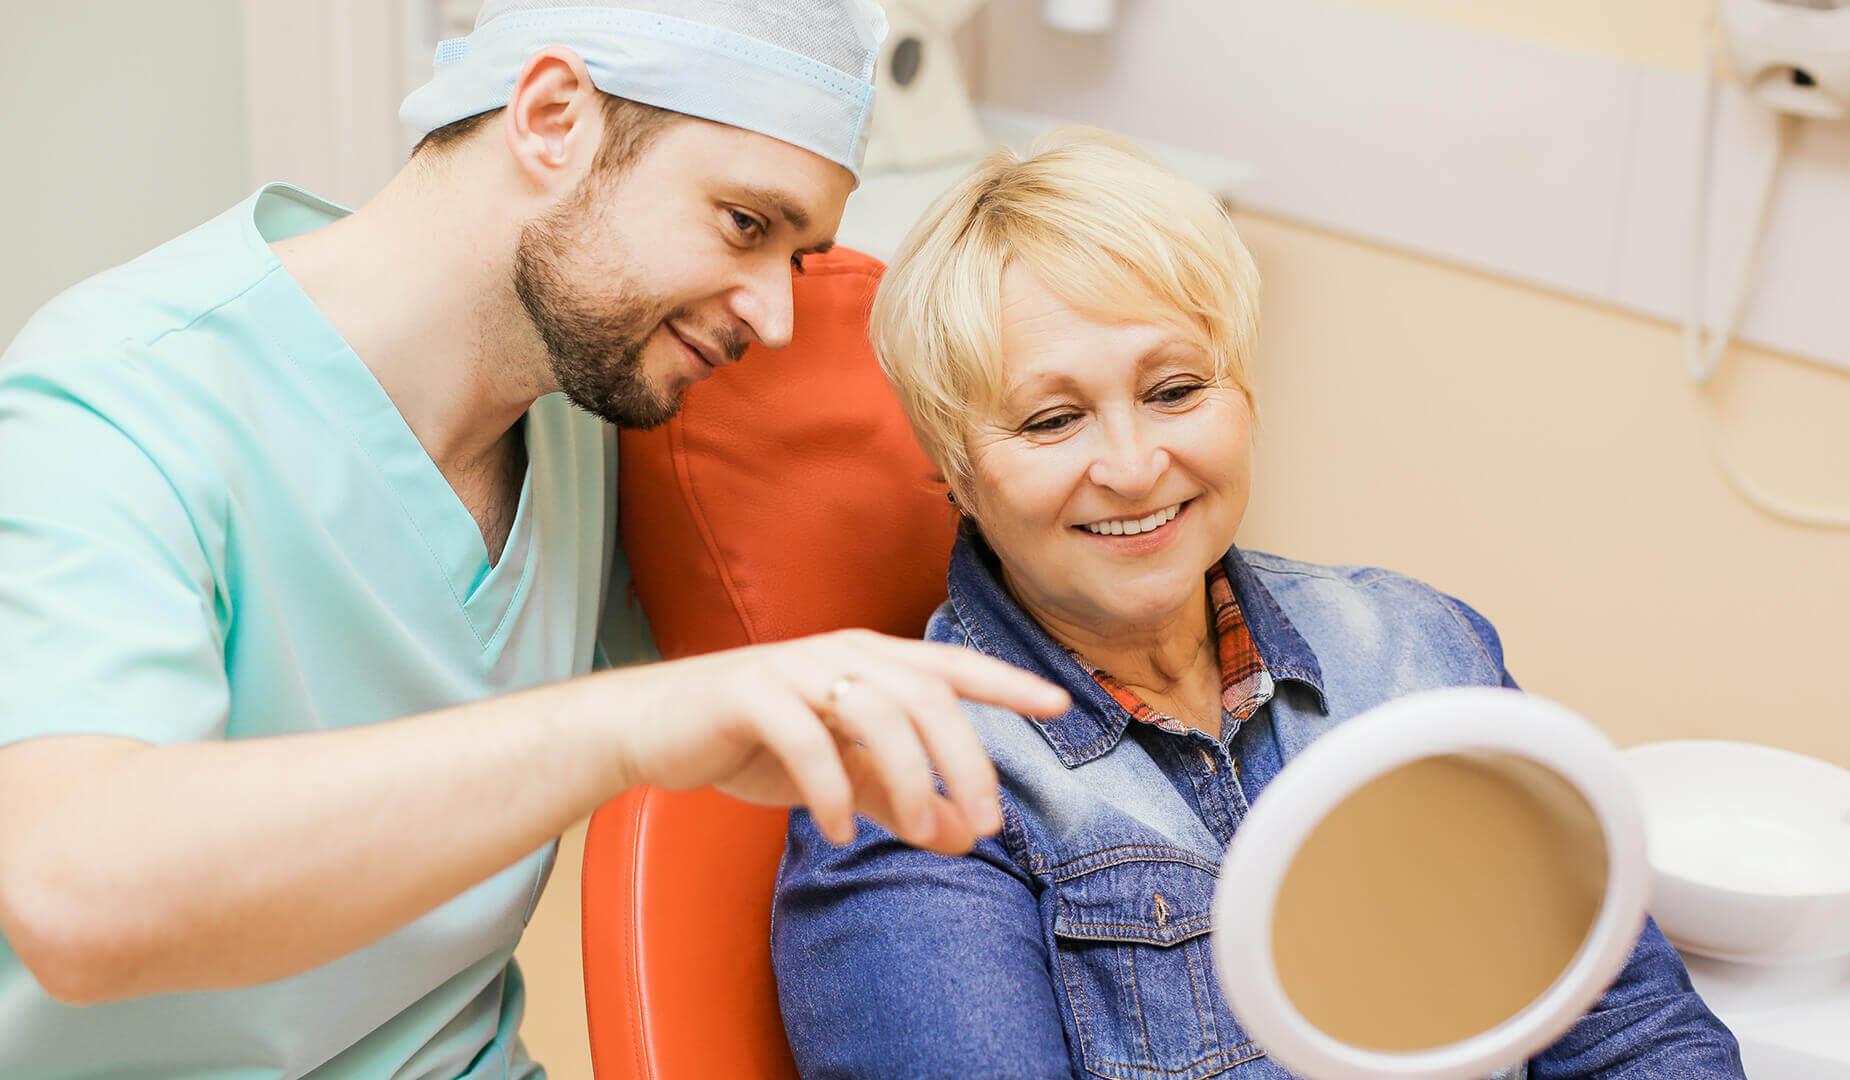 Пациентка оценивает результат лечения